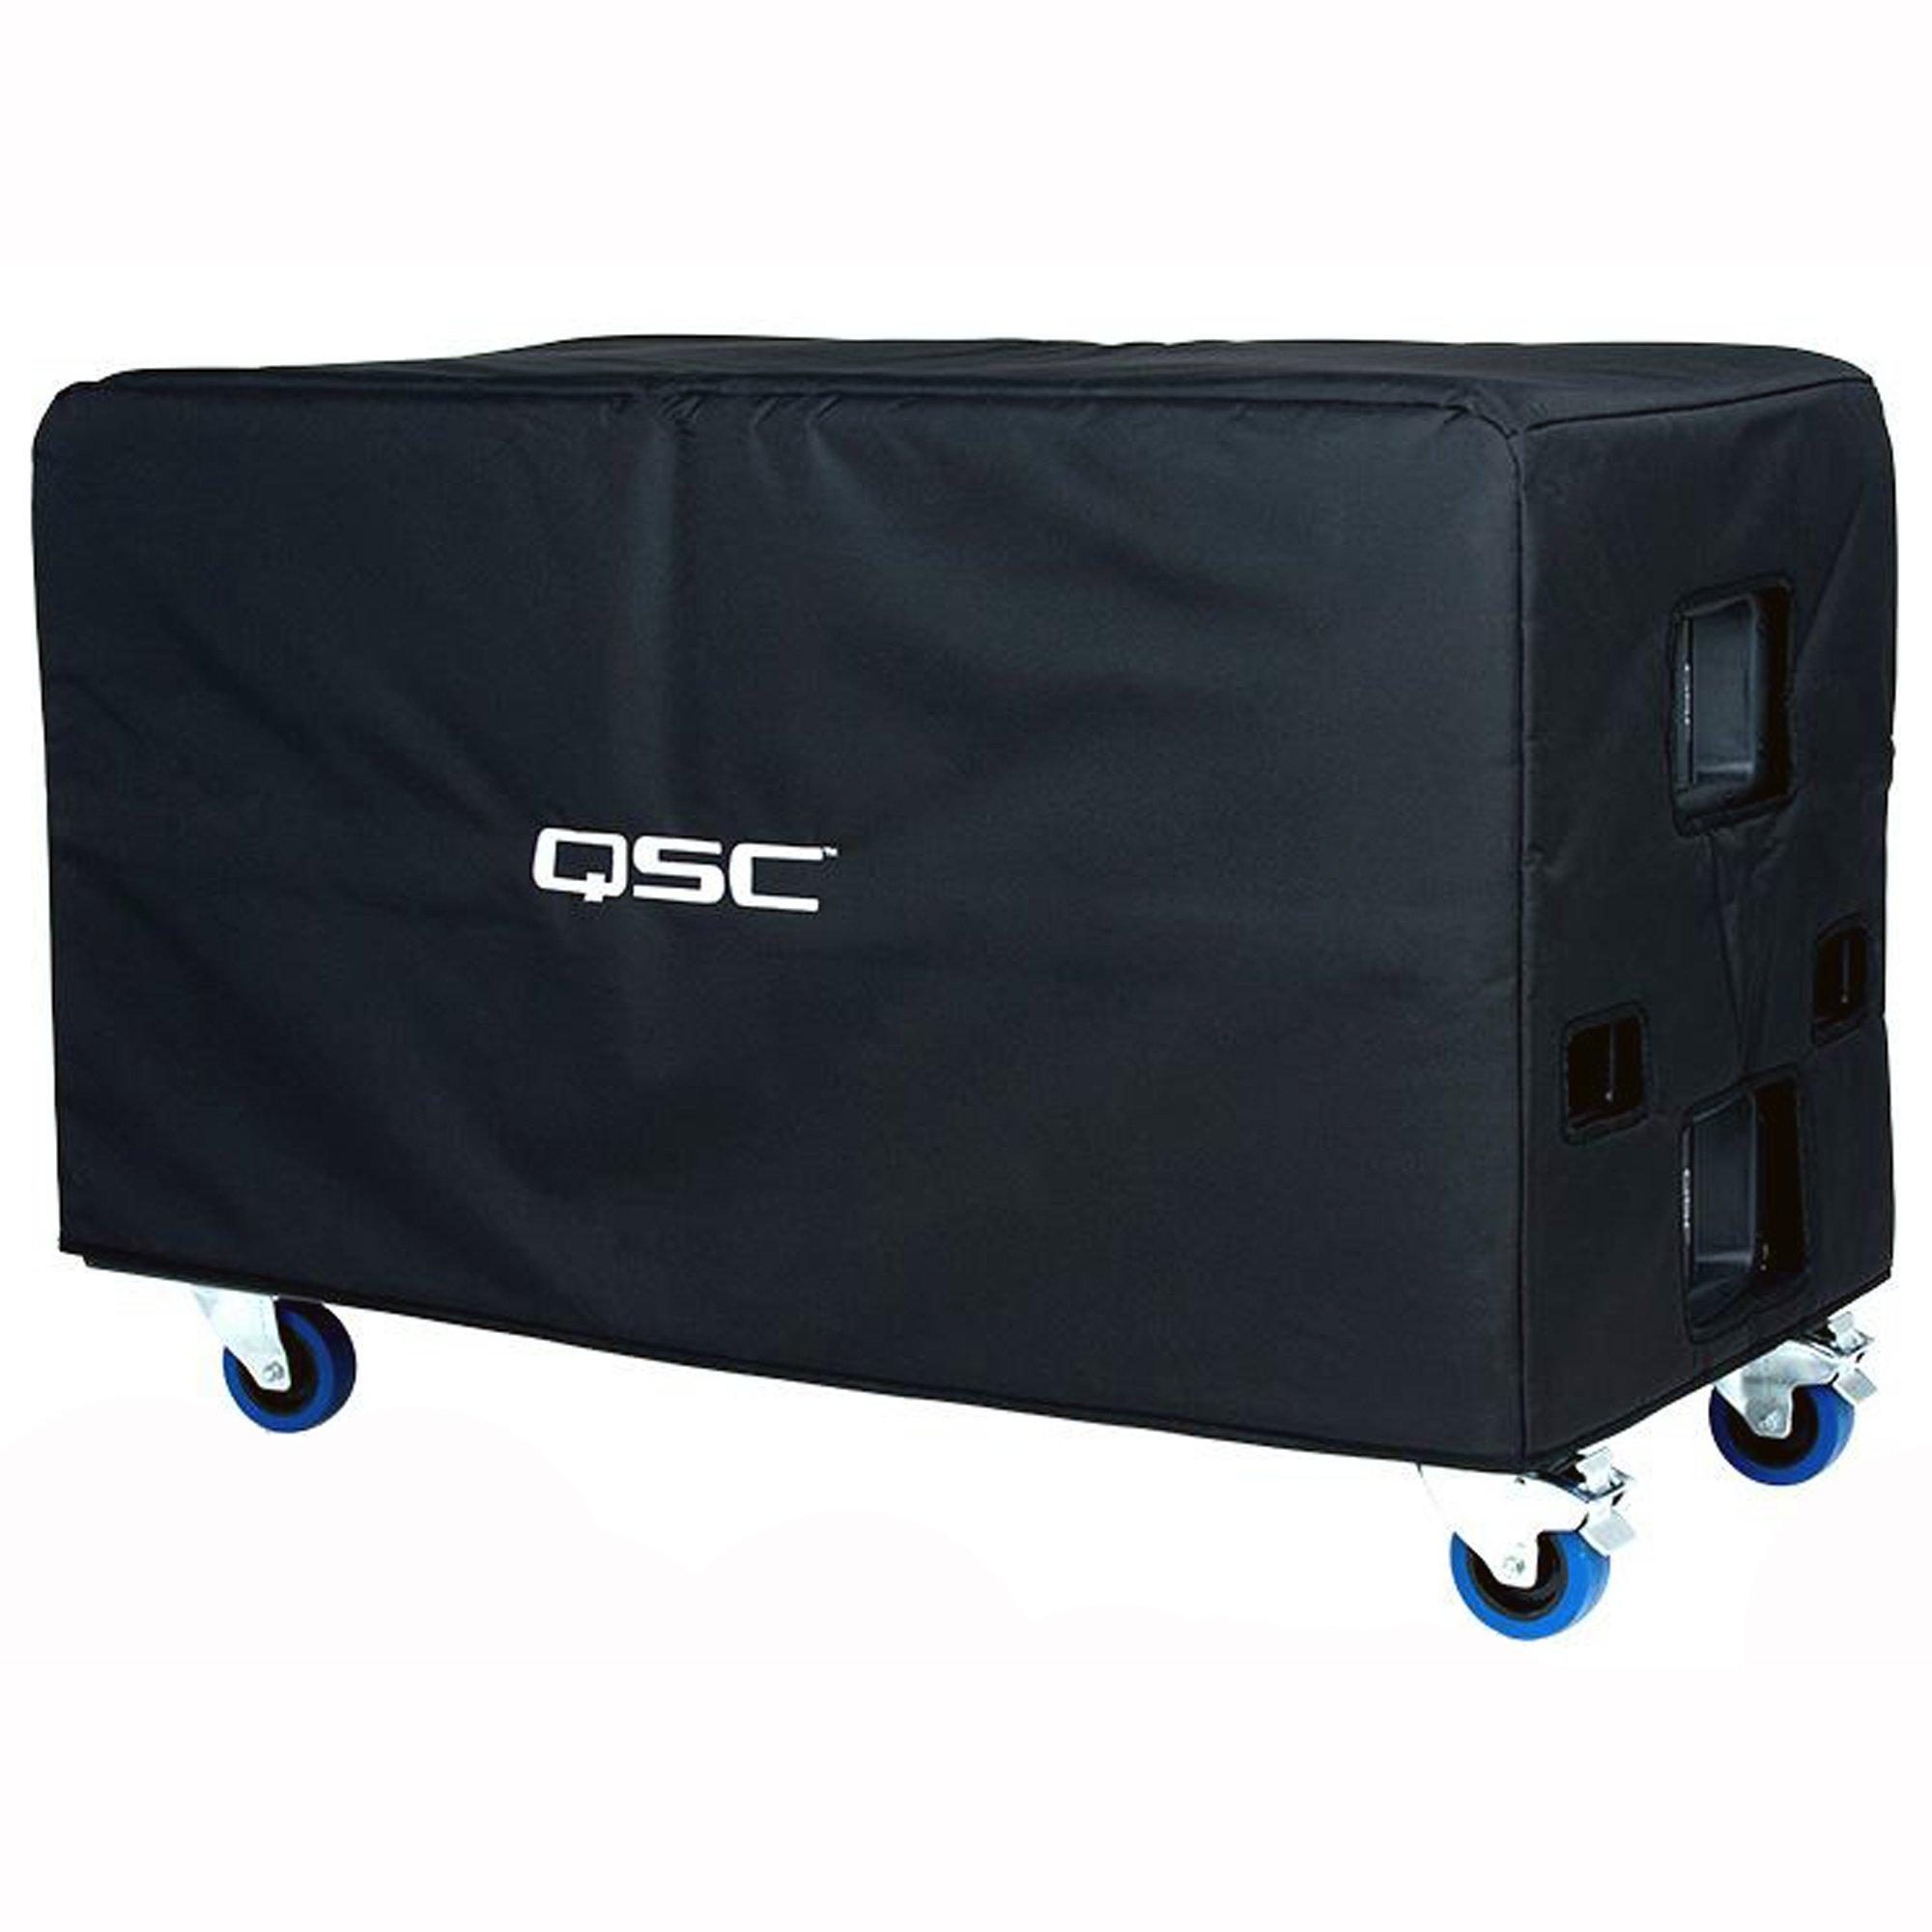 QSC E218SW-CVR Soft Padded Cordura Nylon Cover for E218 Subwoofer by QSC